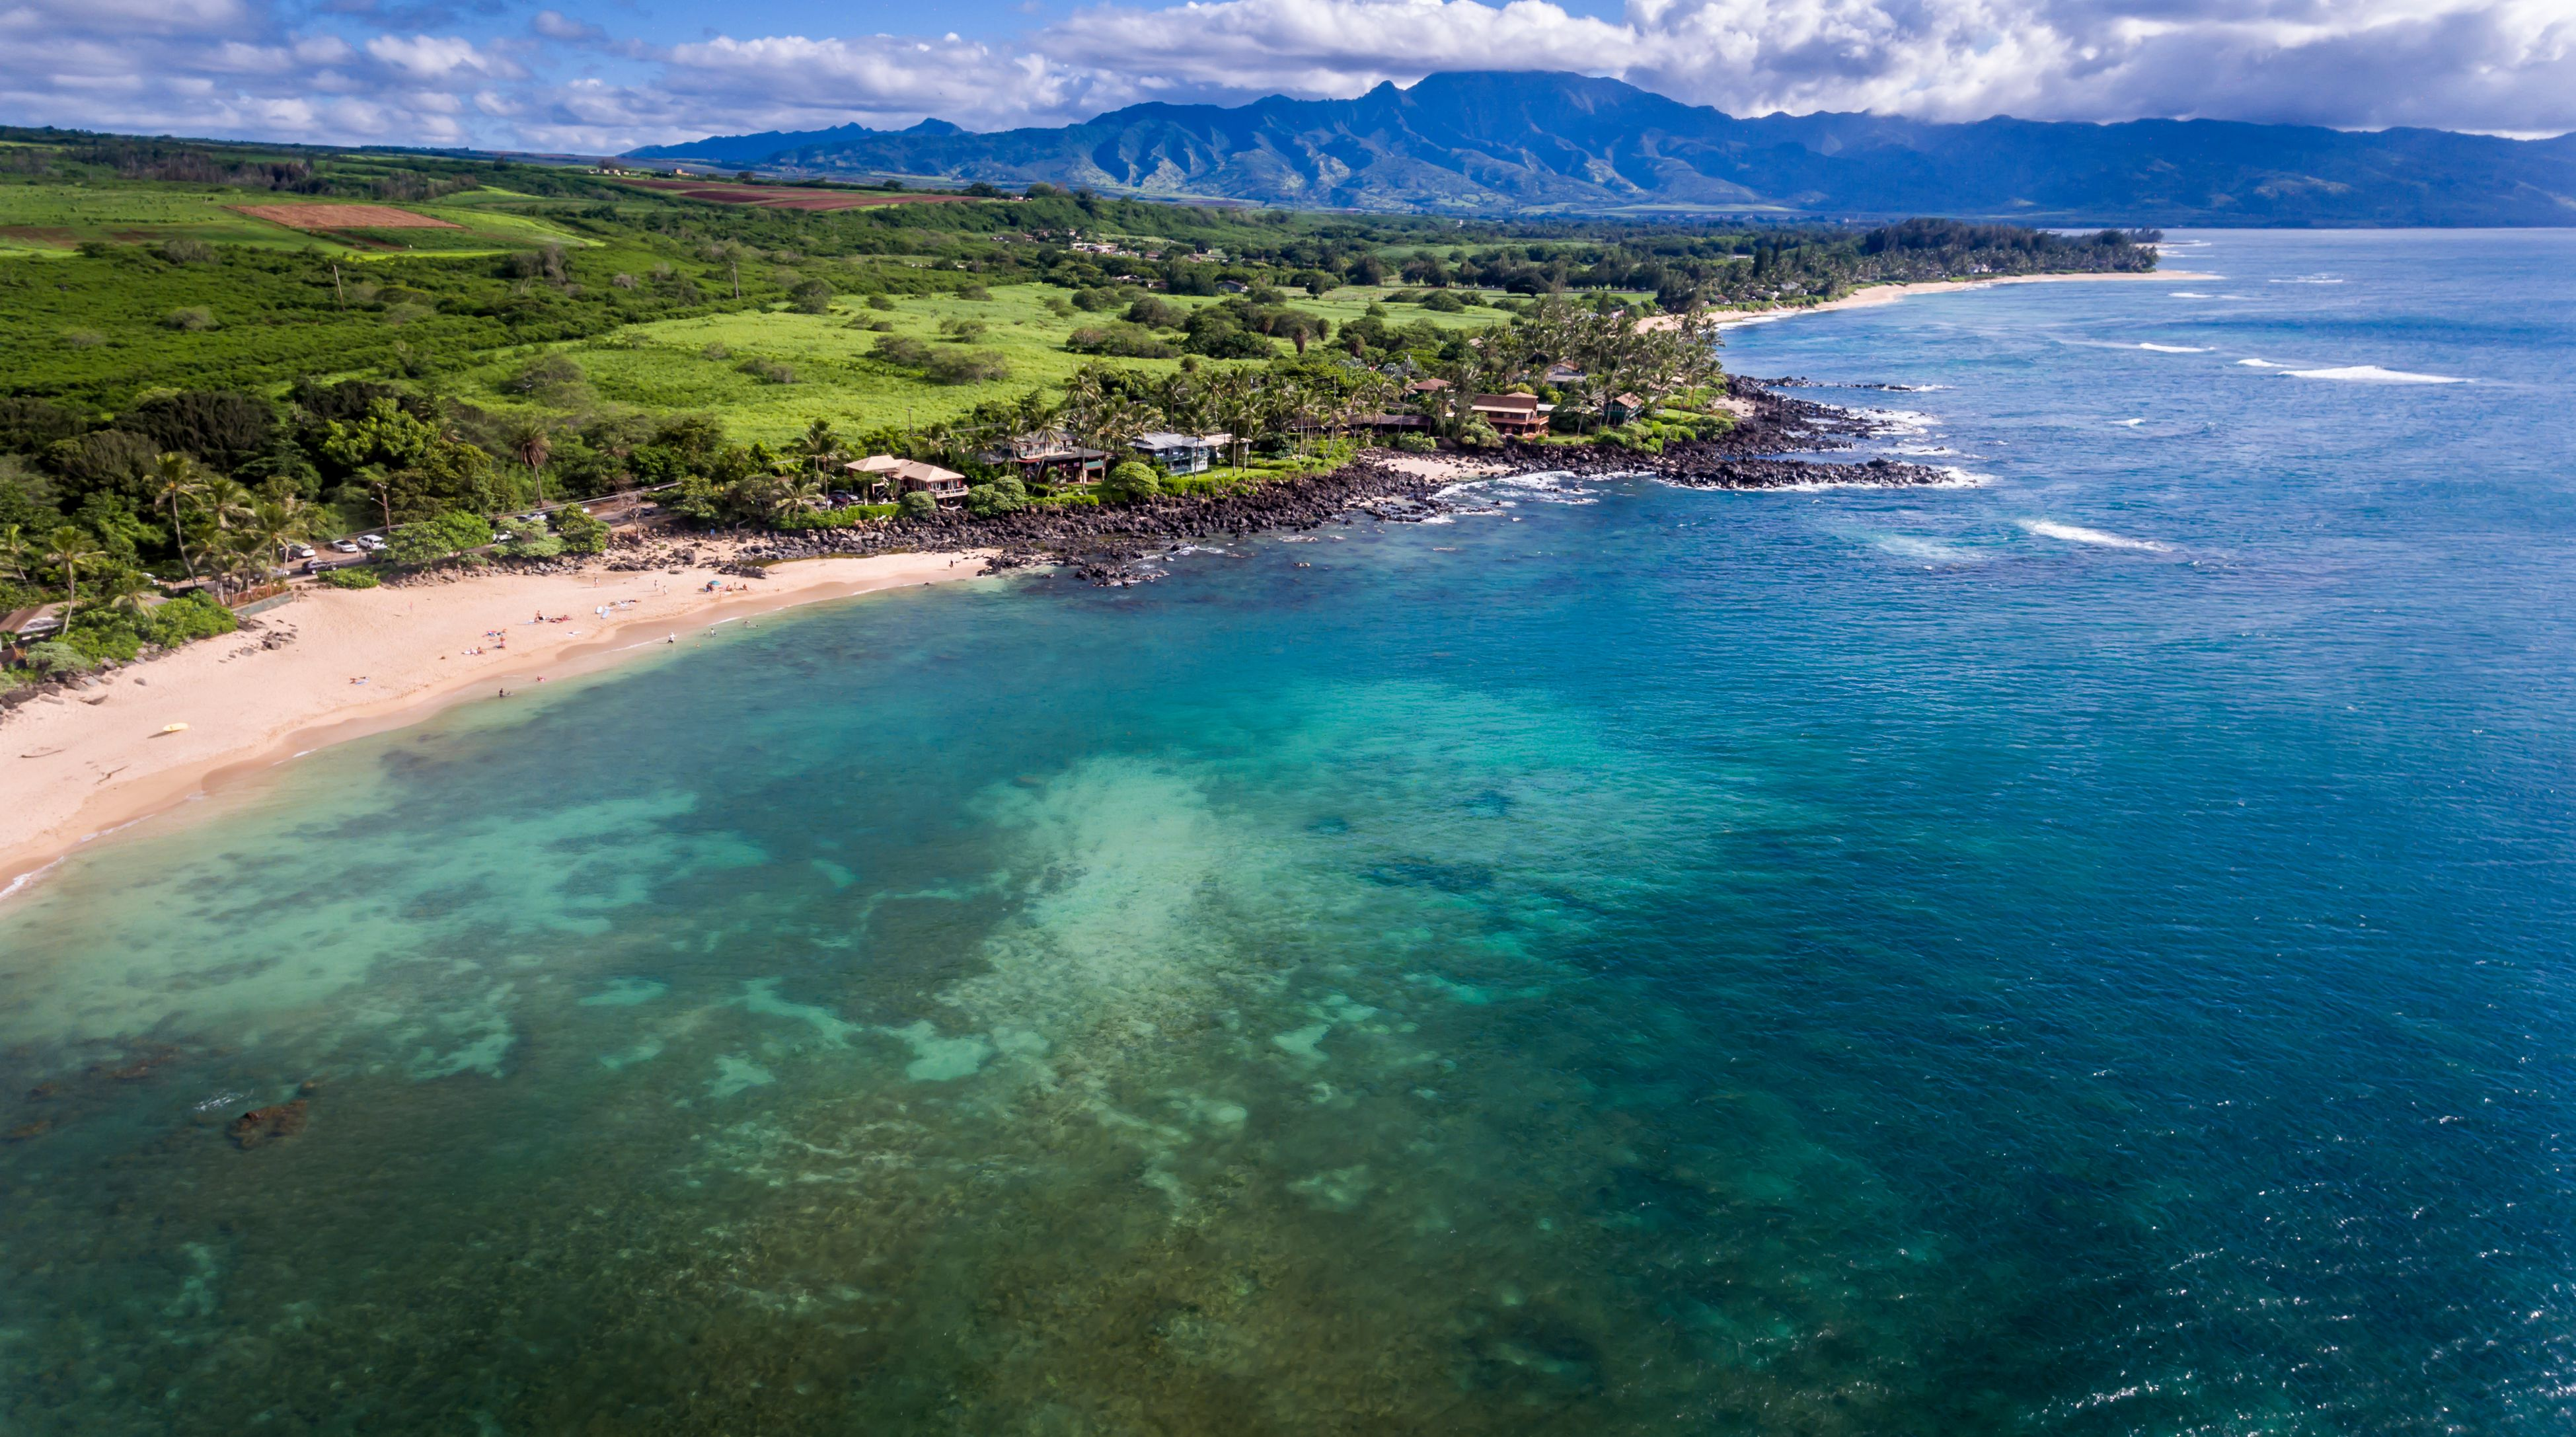 Haleiwa beach by Waimea Bay, Oahu, Hawaii